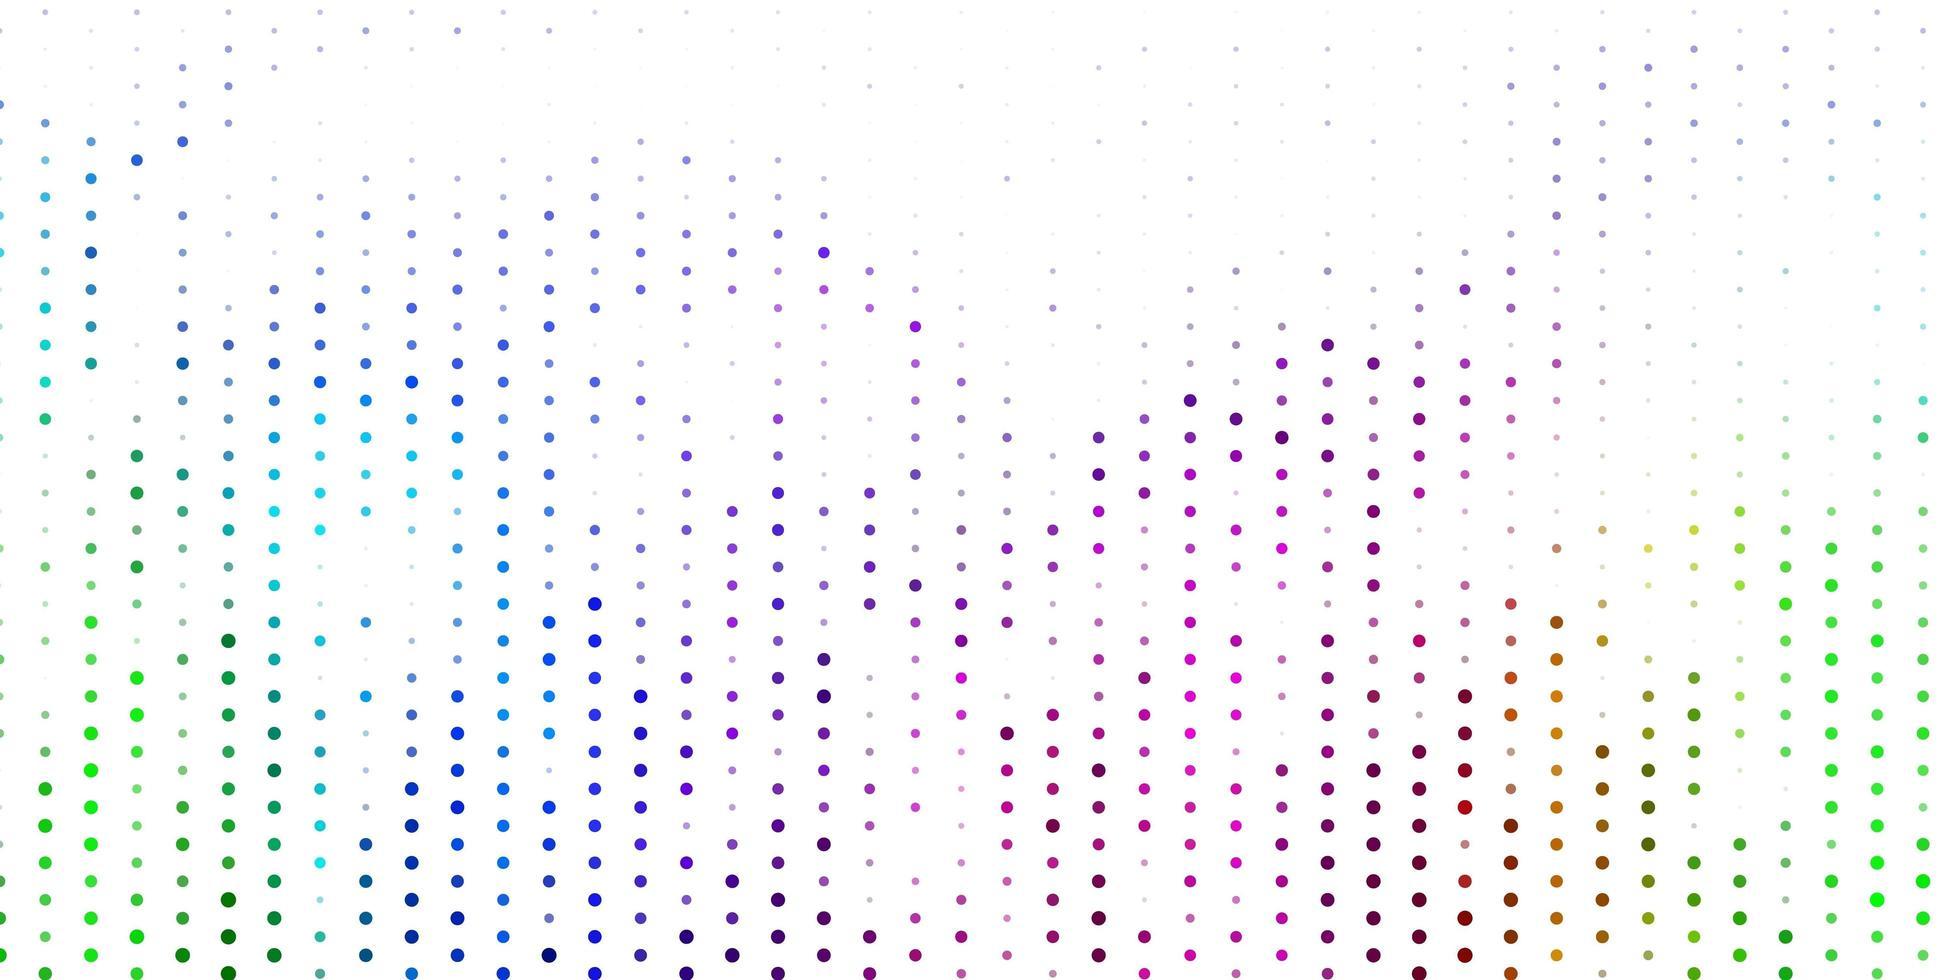 fond de vecteur multicolore clair avec des taches.